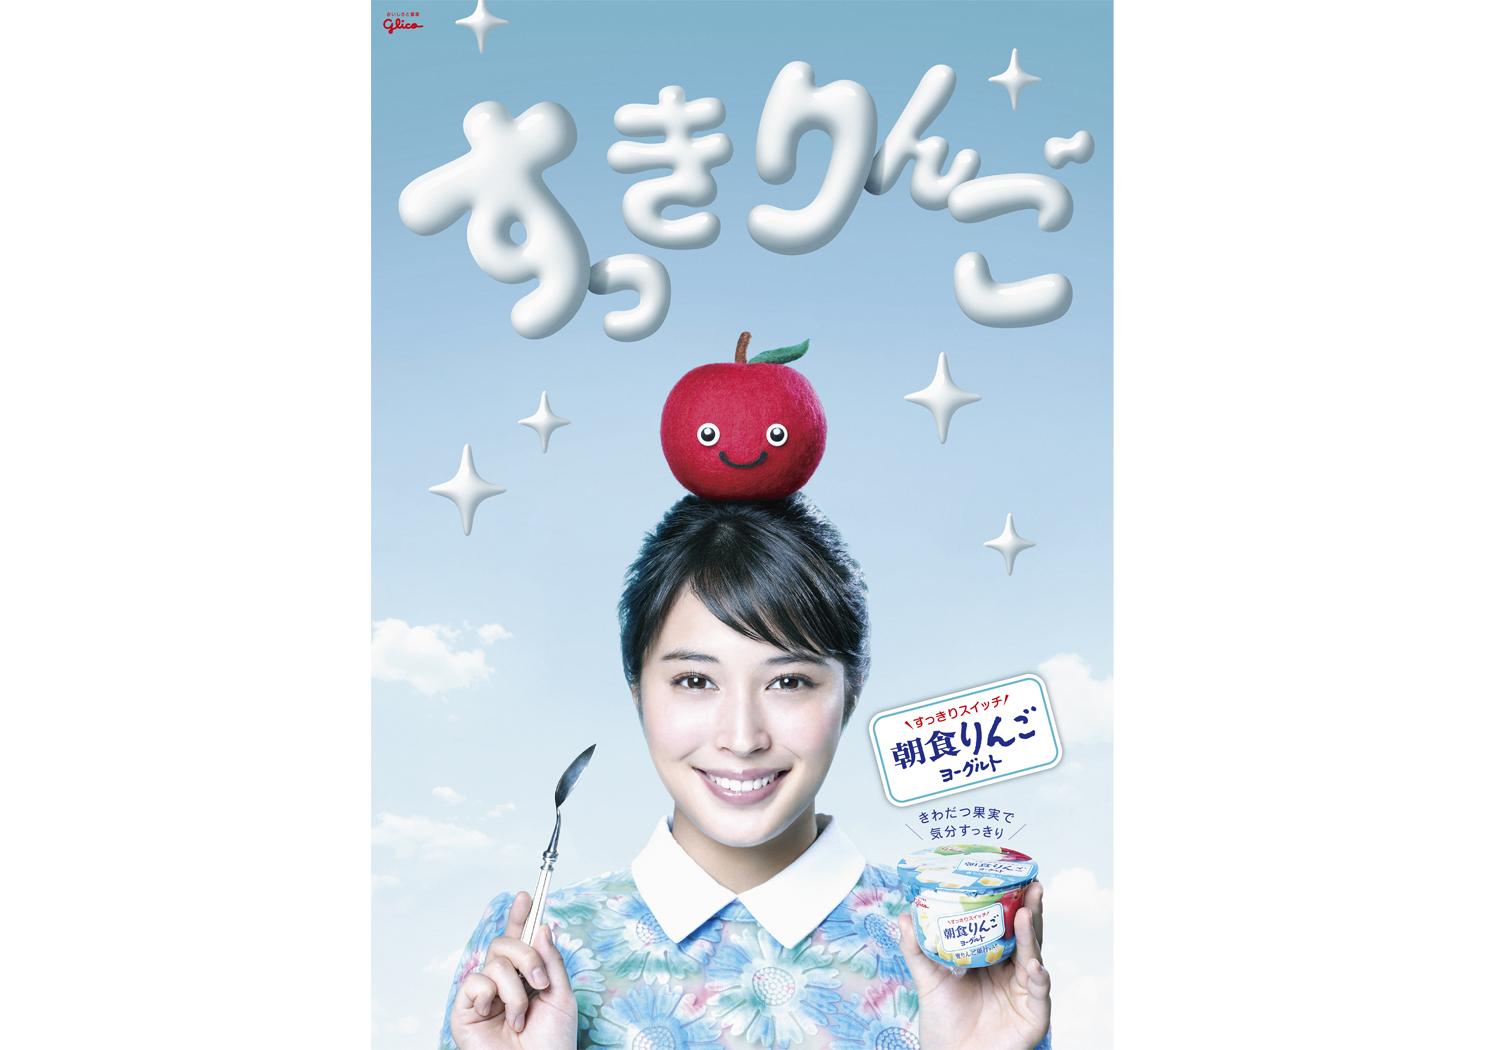 choshokuringo yogurt poster